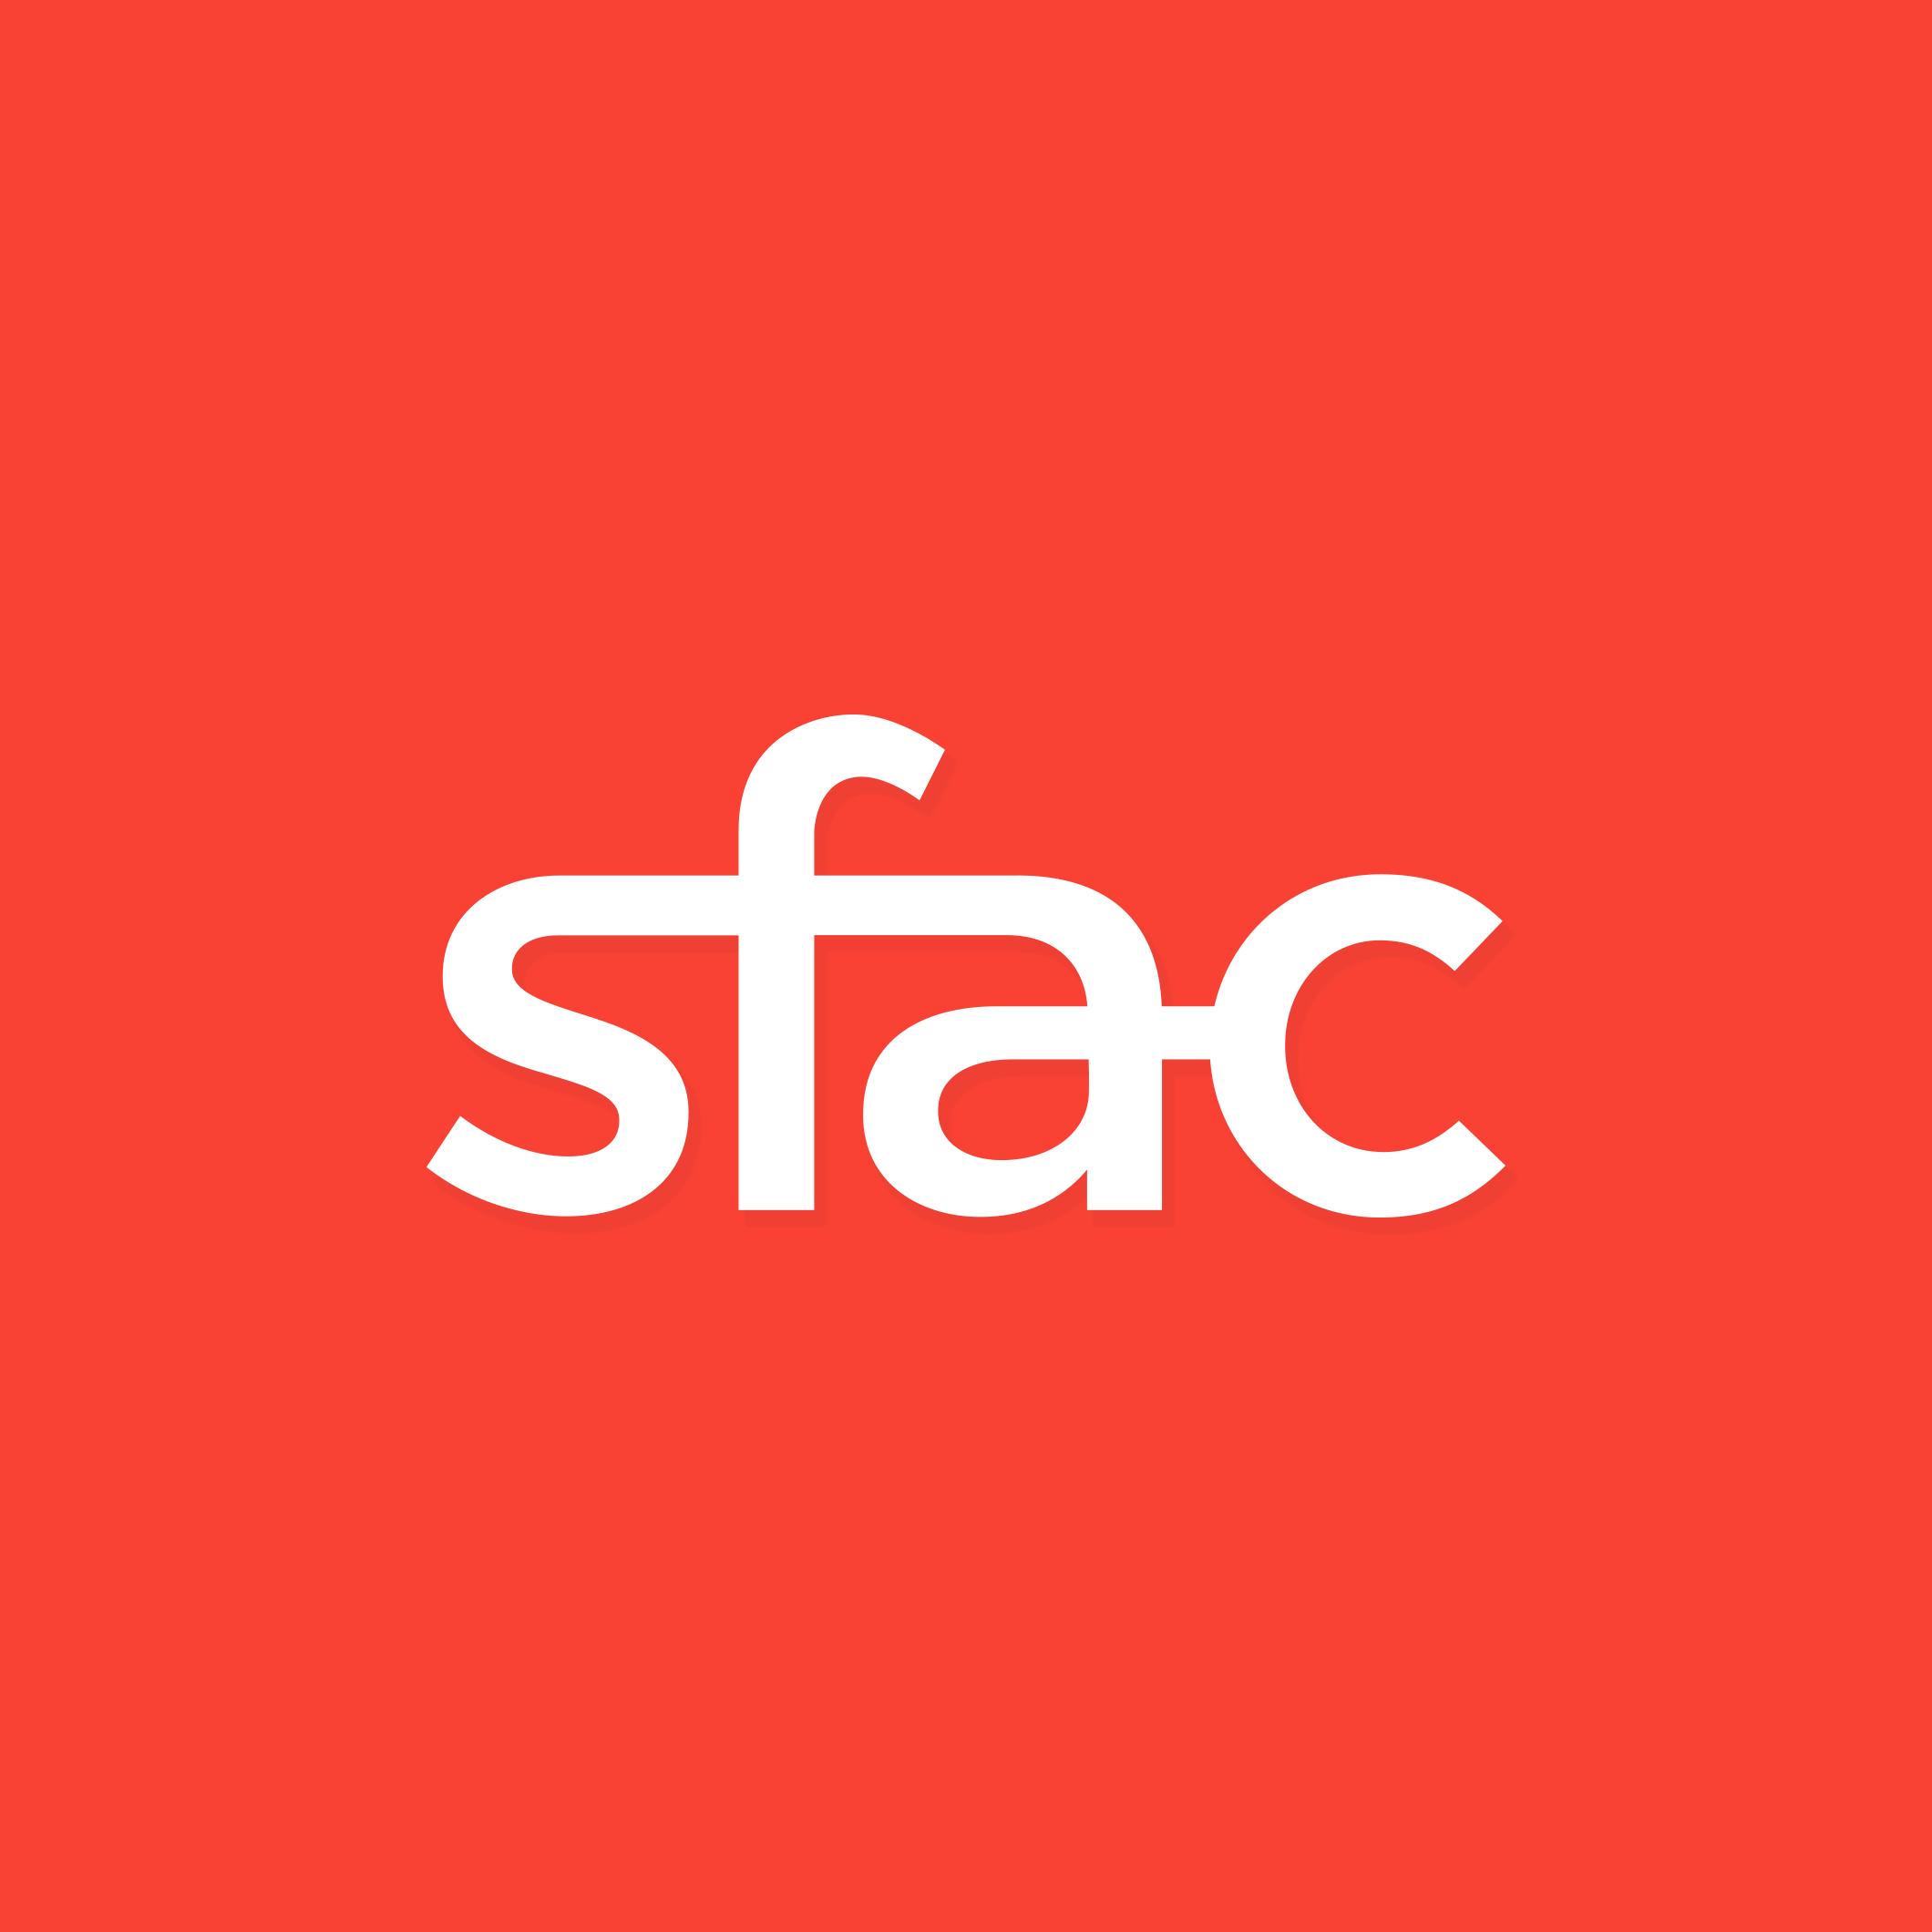 sfac_2.png